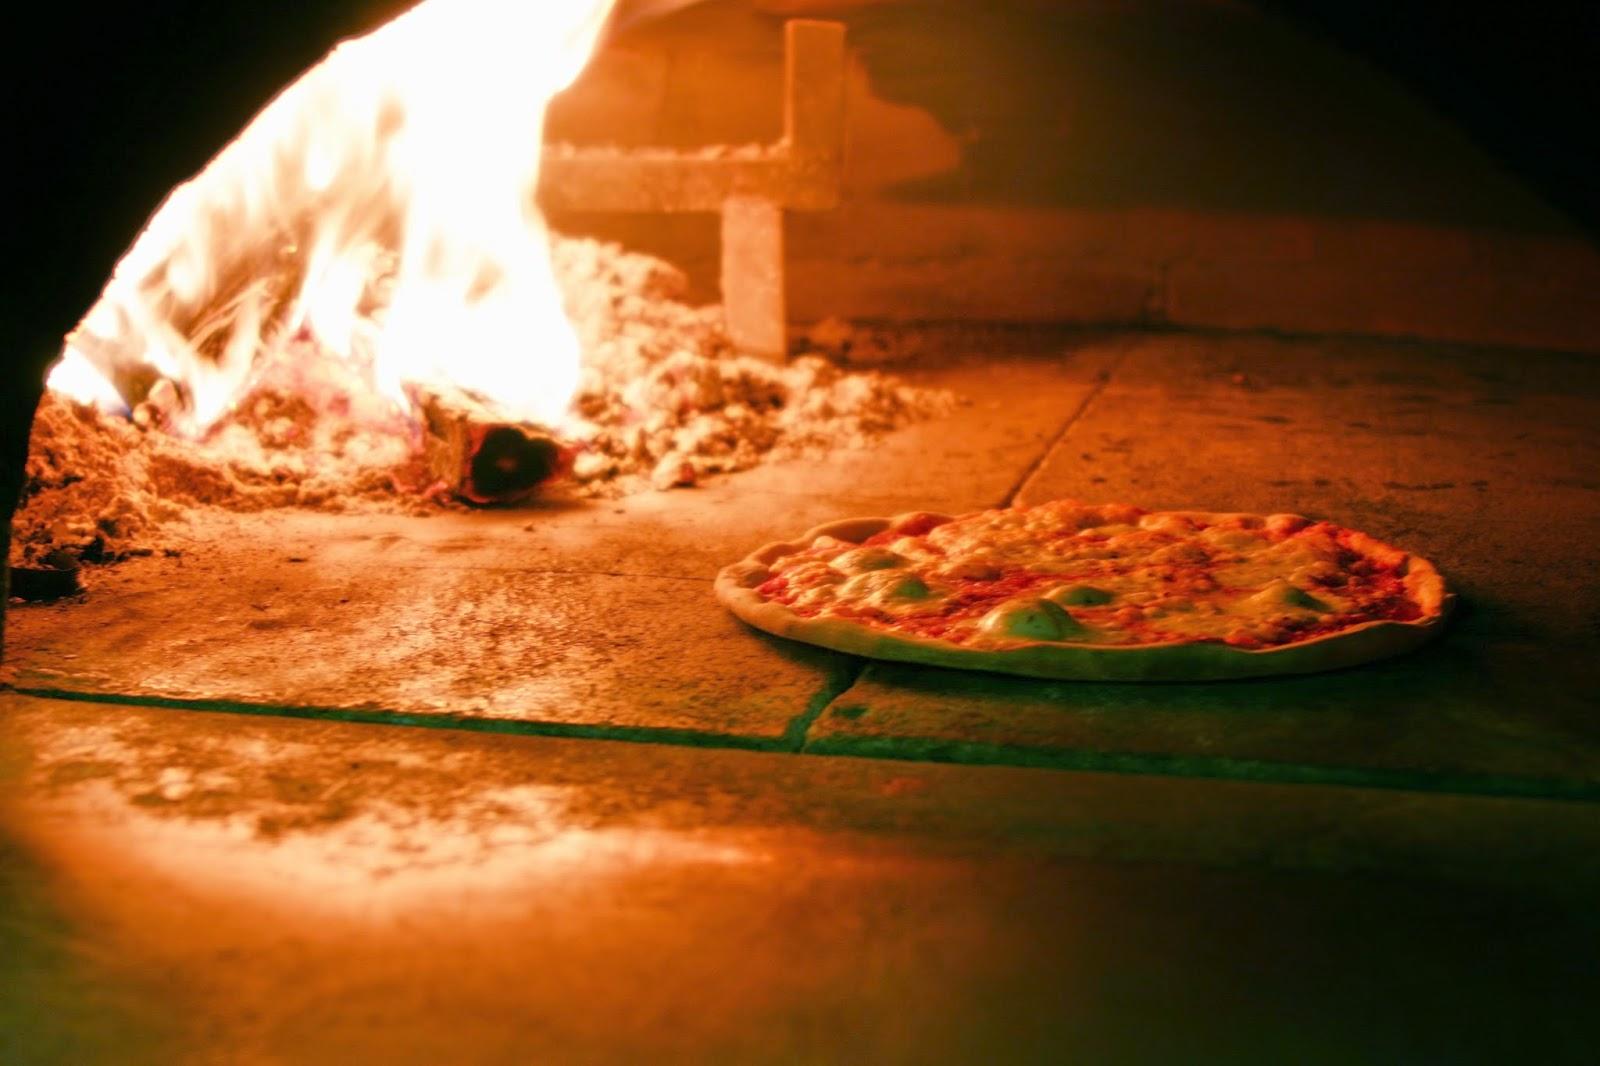 Pulizia della canna fumaria per forni a legna di pizzerie - Forno senza canna fumaria ...